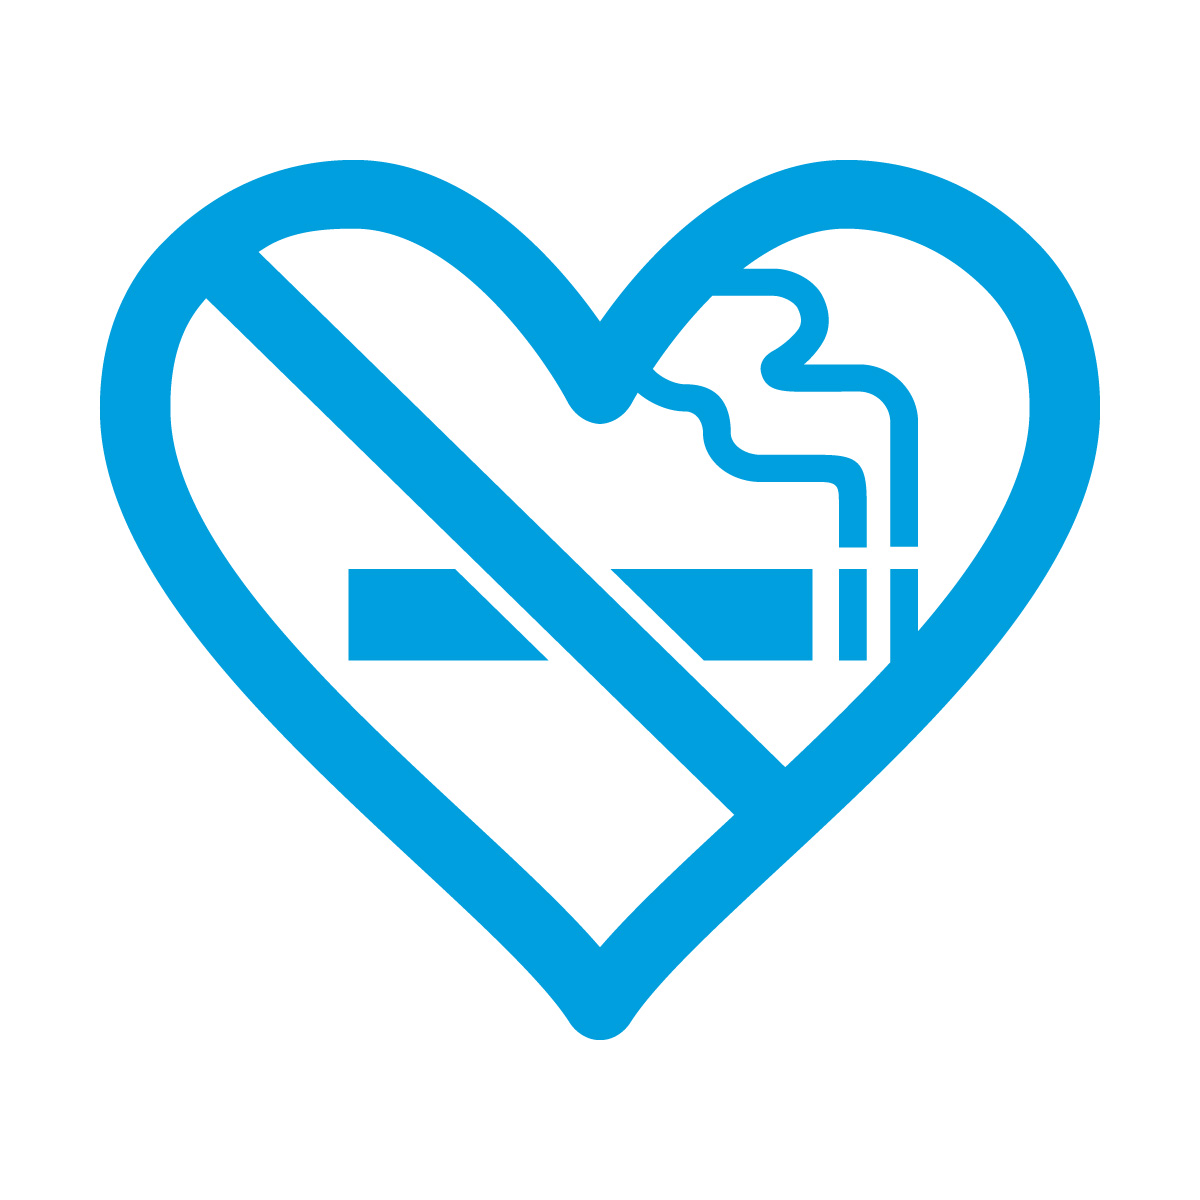 青色の禁煙 ハート シール ステッカー カッティングステッカー 光沢タイプ・防水 耐水・屋外耐候3~4年